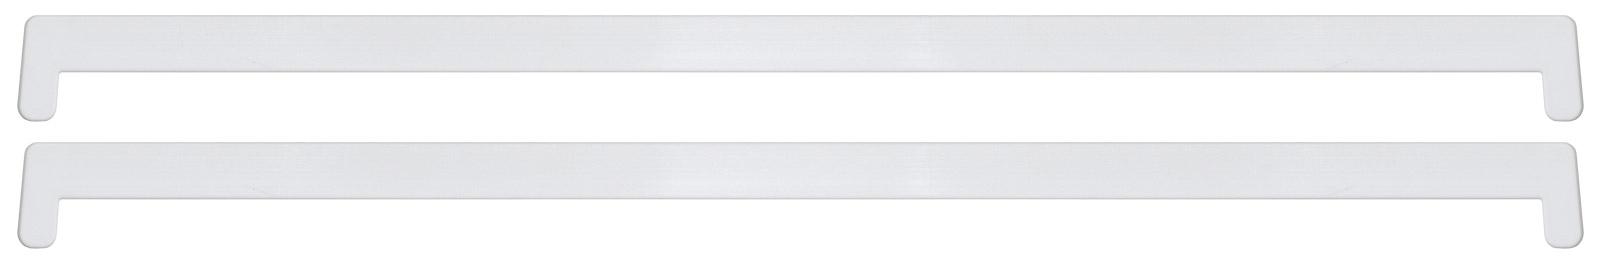 LPEKOCEP1-600 - Beli 9016 čepovi 600 mm za EKO dasku